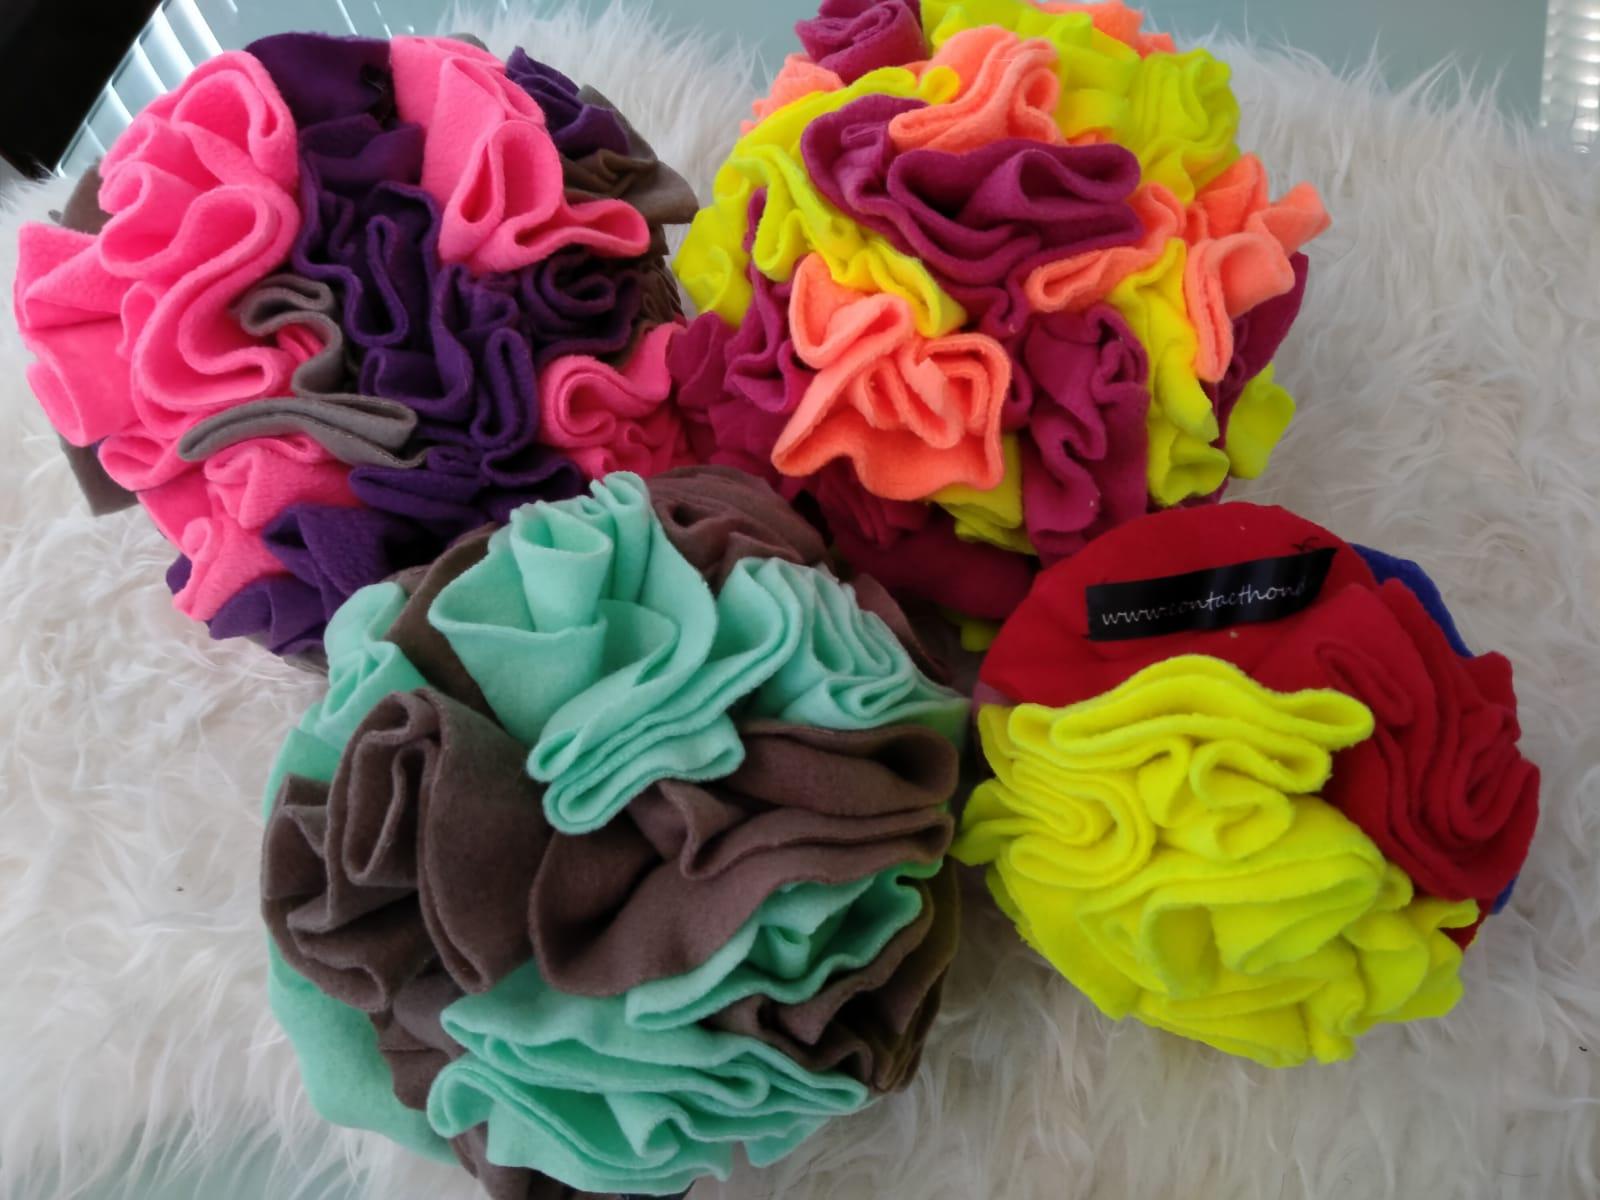 Een fleece bal in vrolijke kleuren, bedoeld om snoepjes in te verstoppen (niet geschikt voor trekspelletjes).